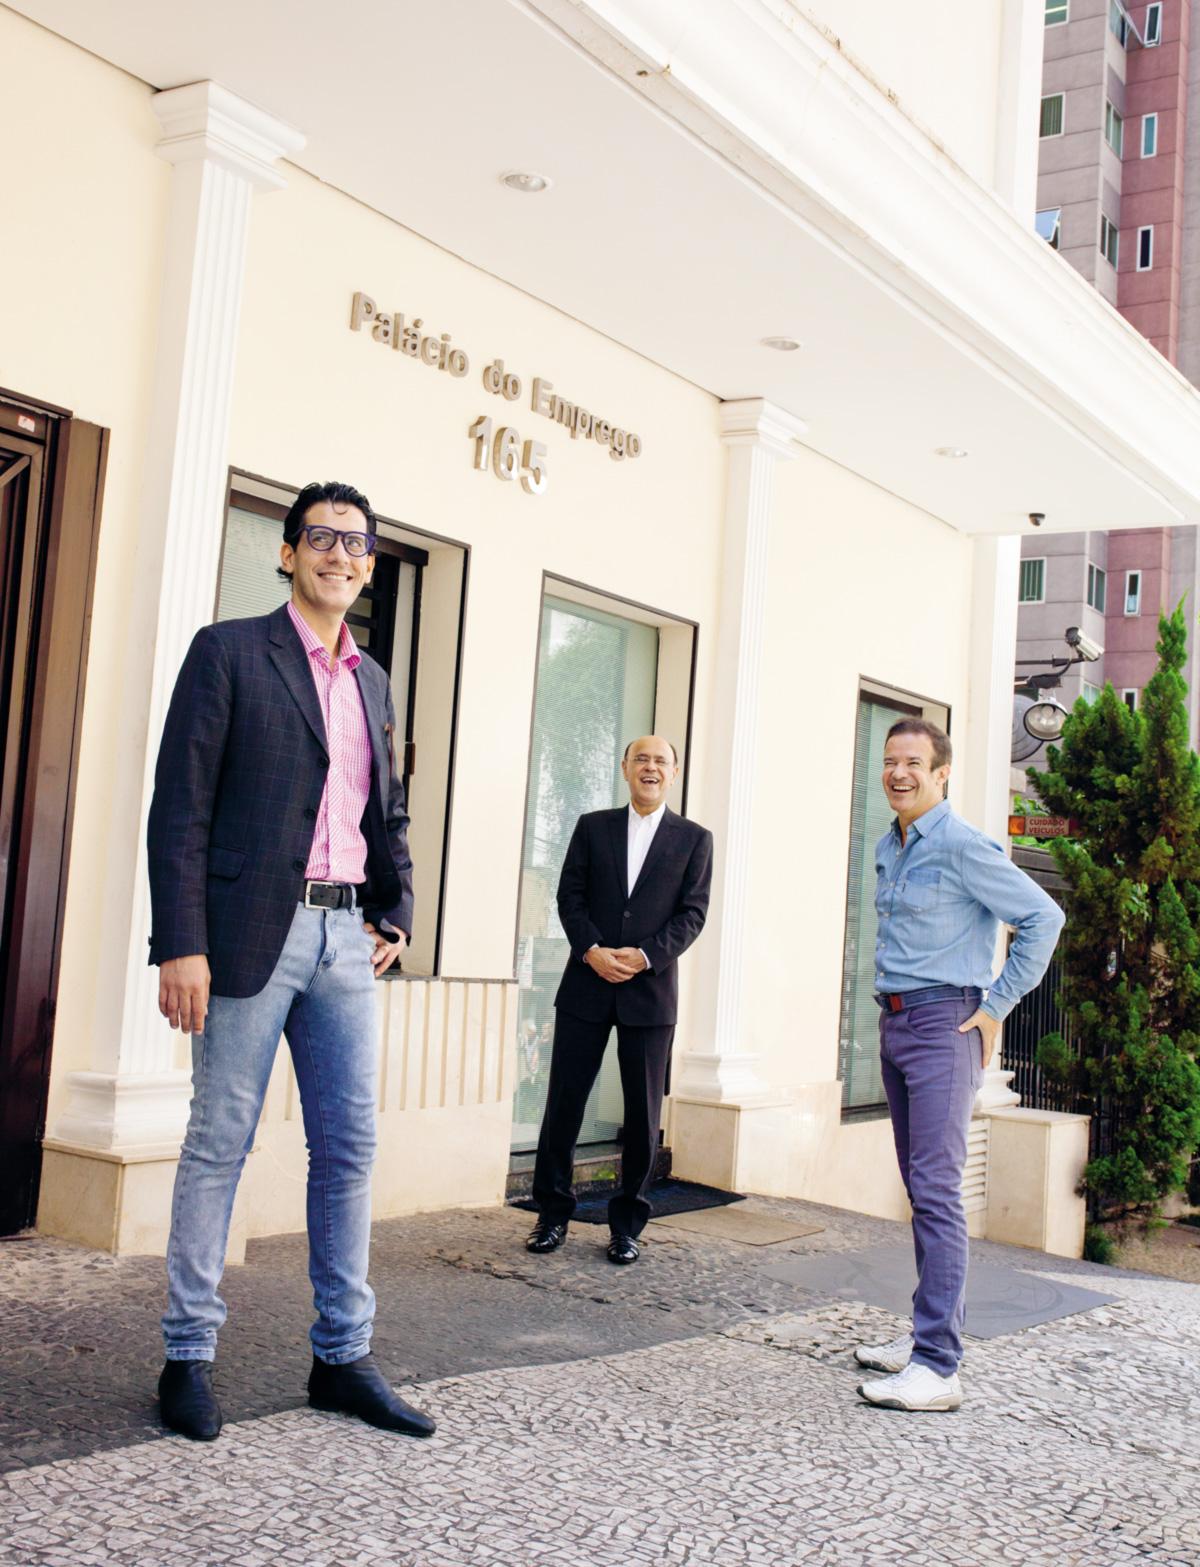 """O trio estima gastar 1 milhão de reais ao mês com a revista. """"Me sinto como se tivesse comprado o Corinthians"""", diz André Sanseverino"""